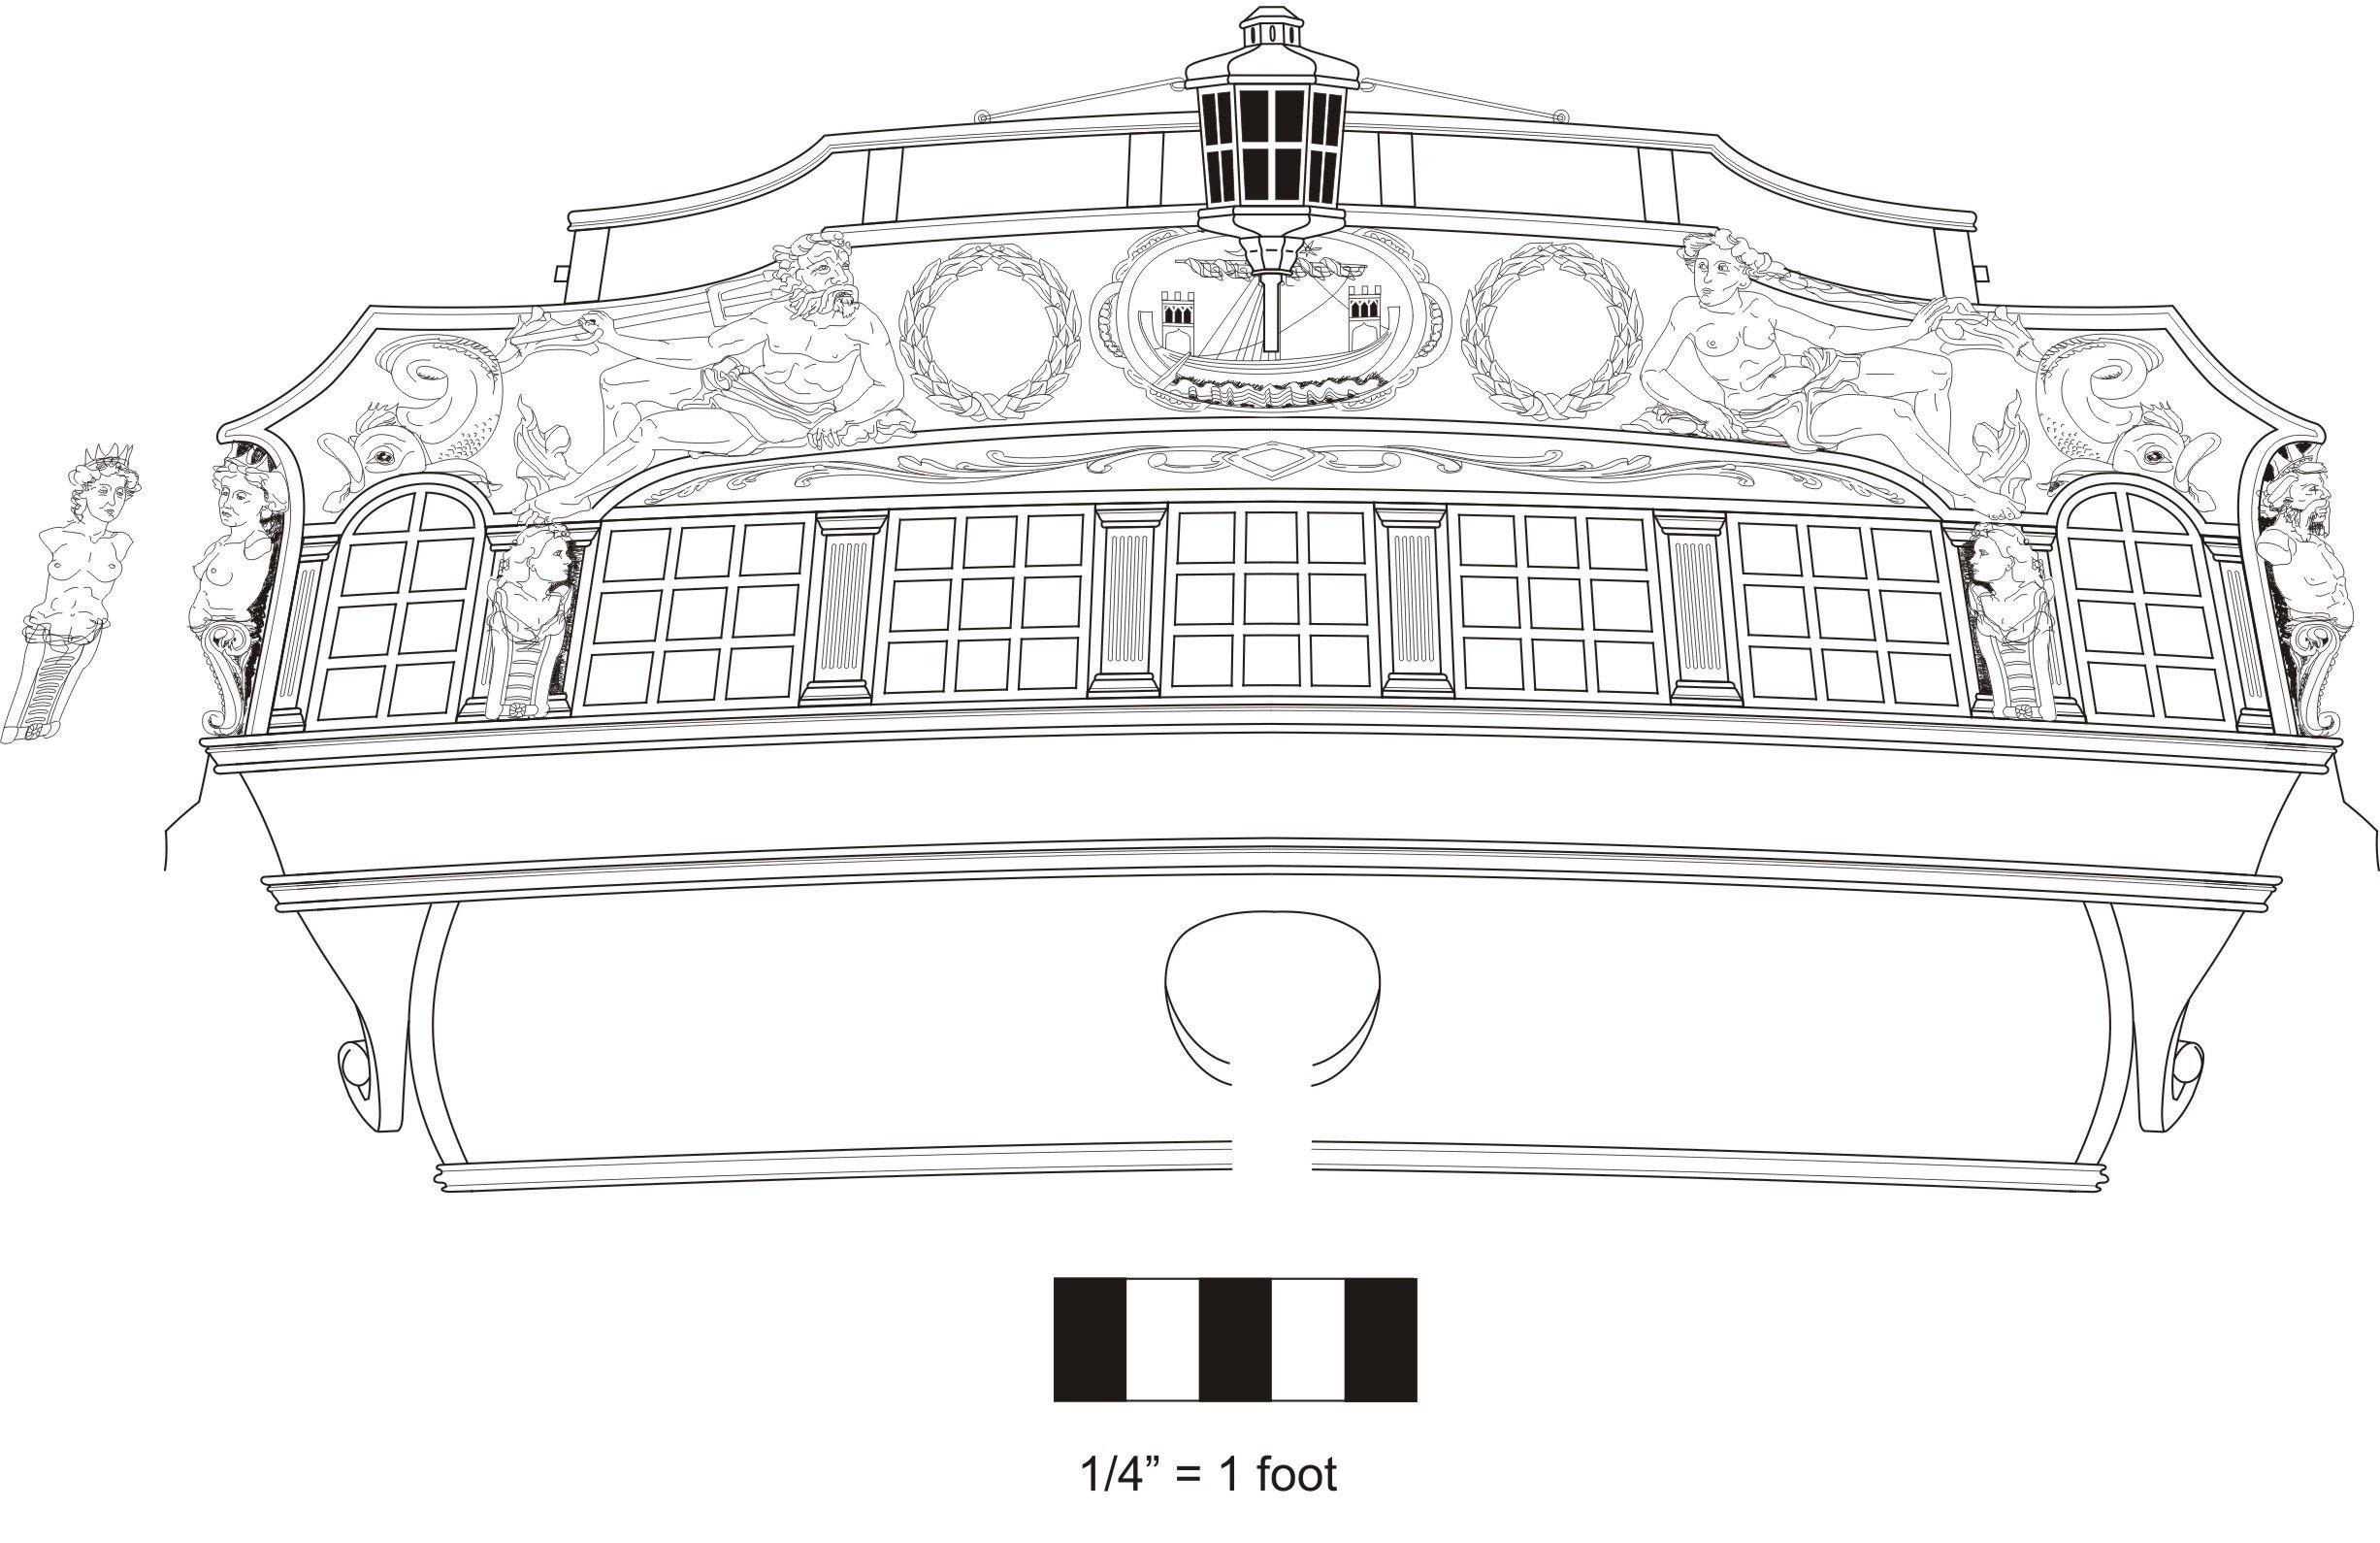 HMS Winchelsea 1764